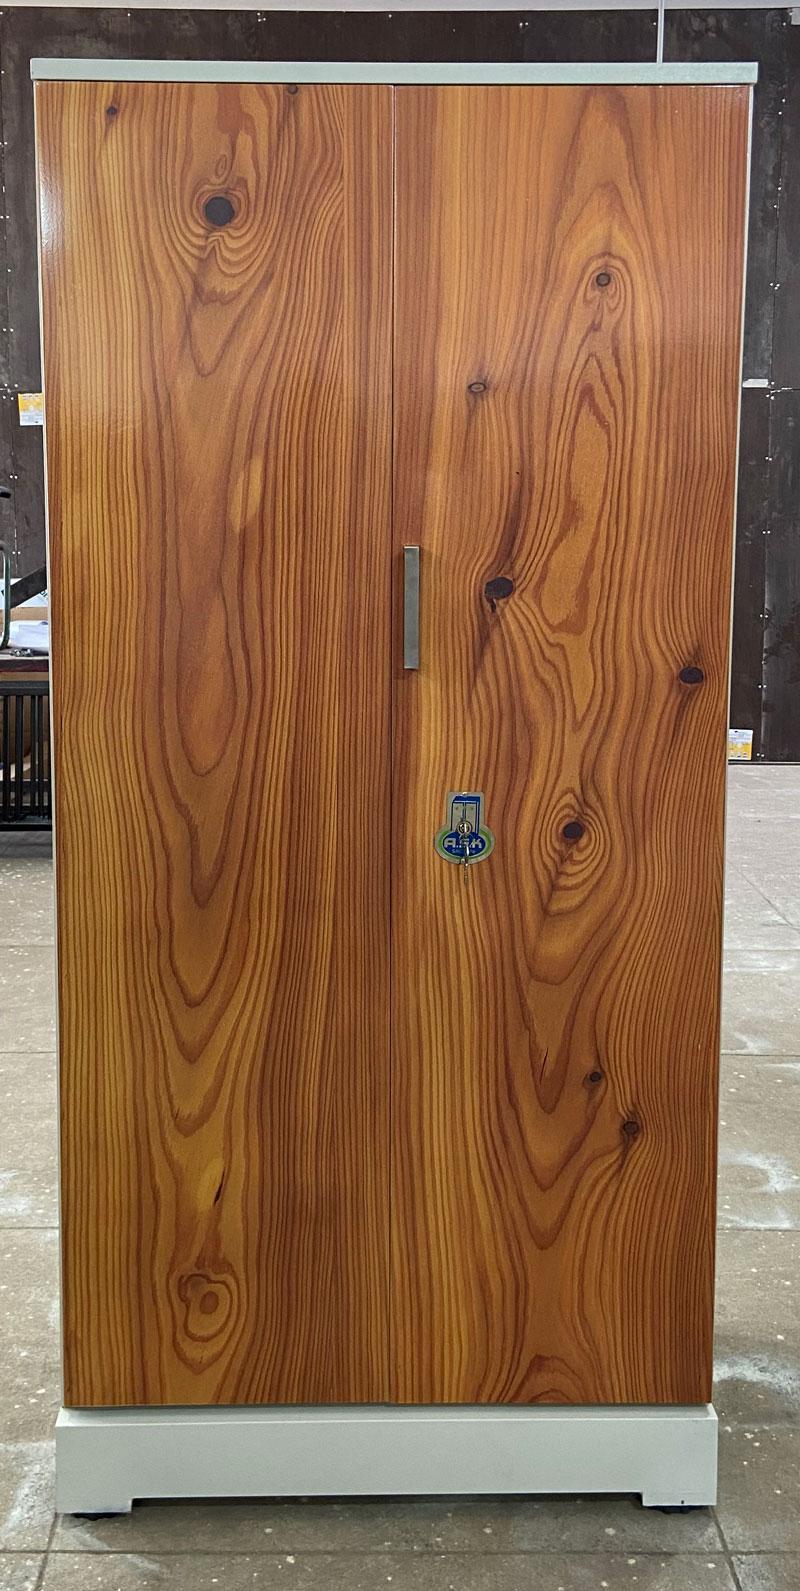 digital uv printed steel bero cupboard teakwood grains